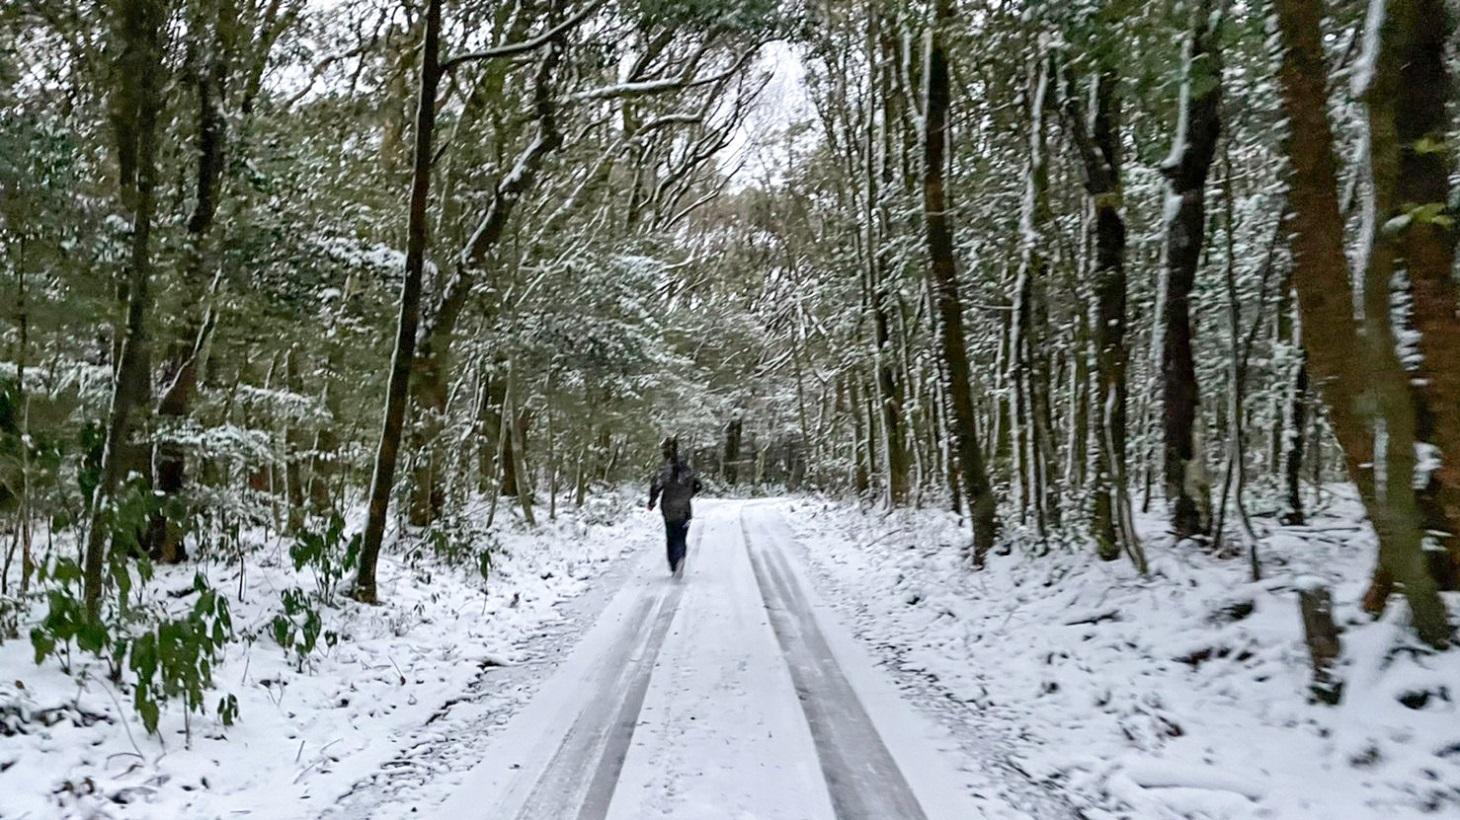 雪道を人が走っている